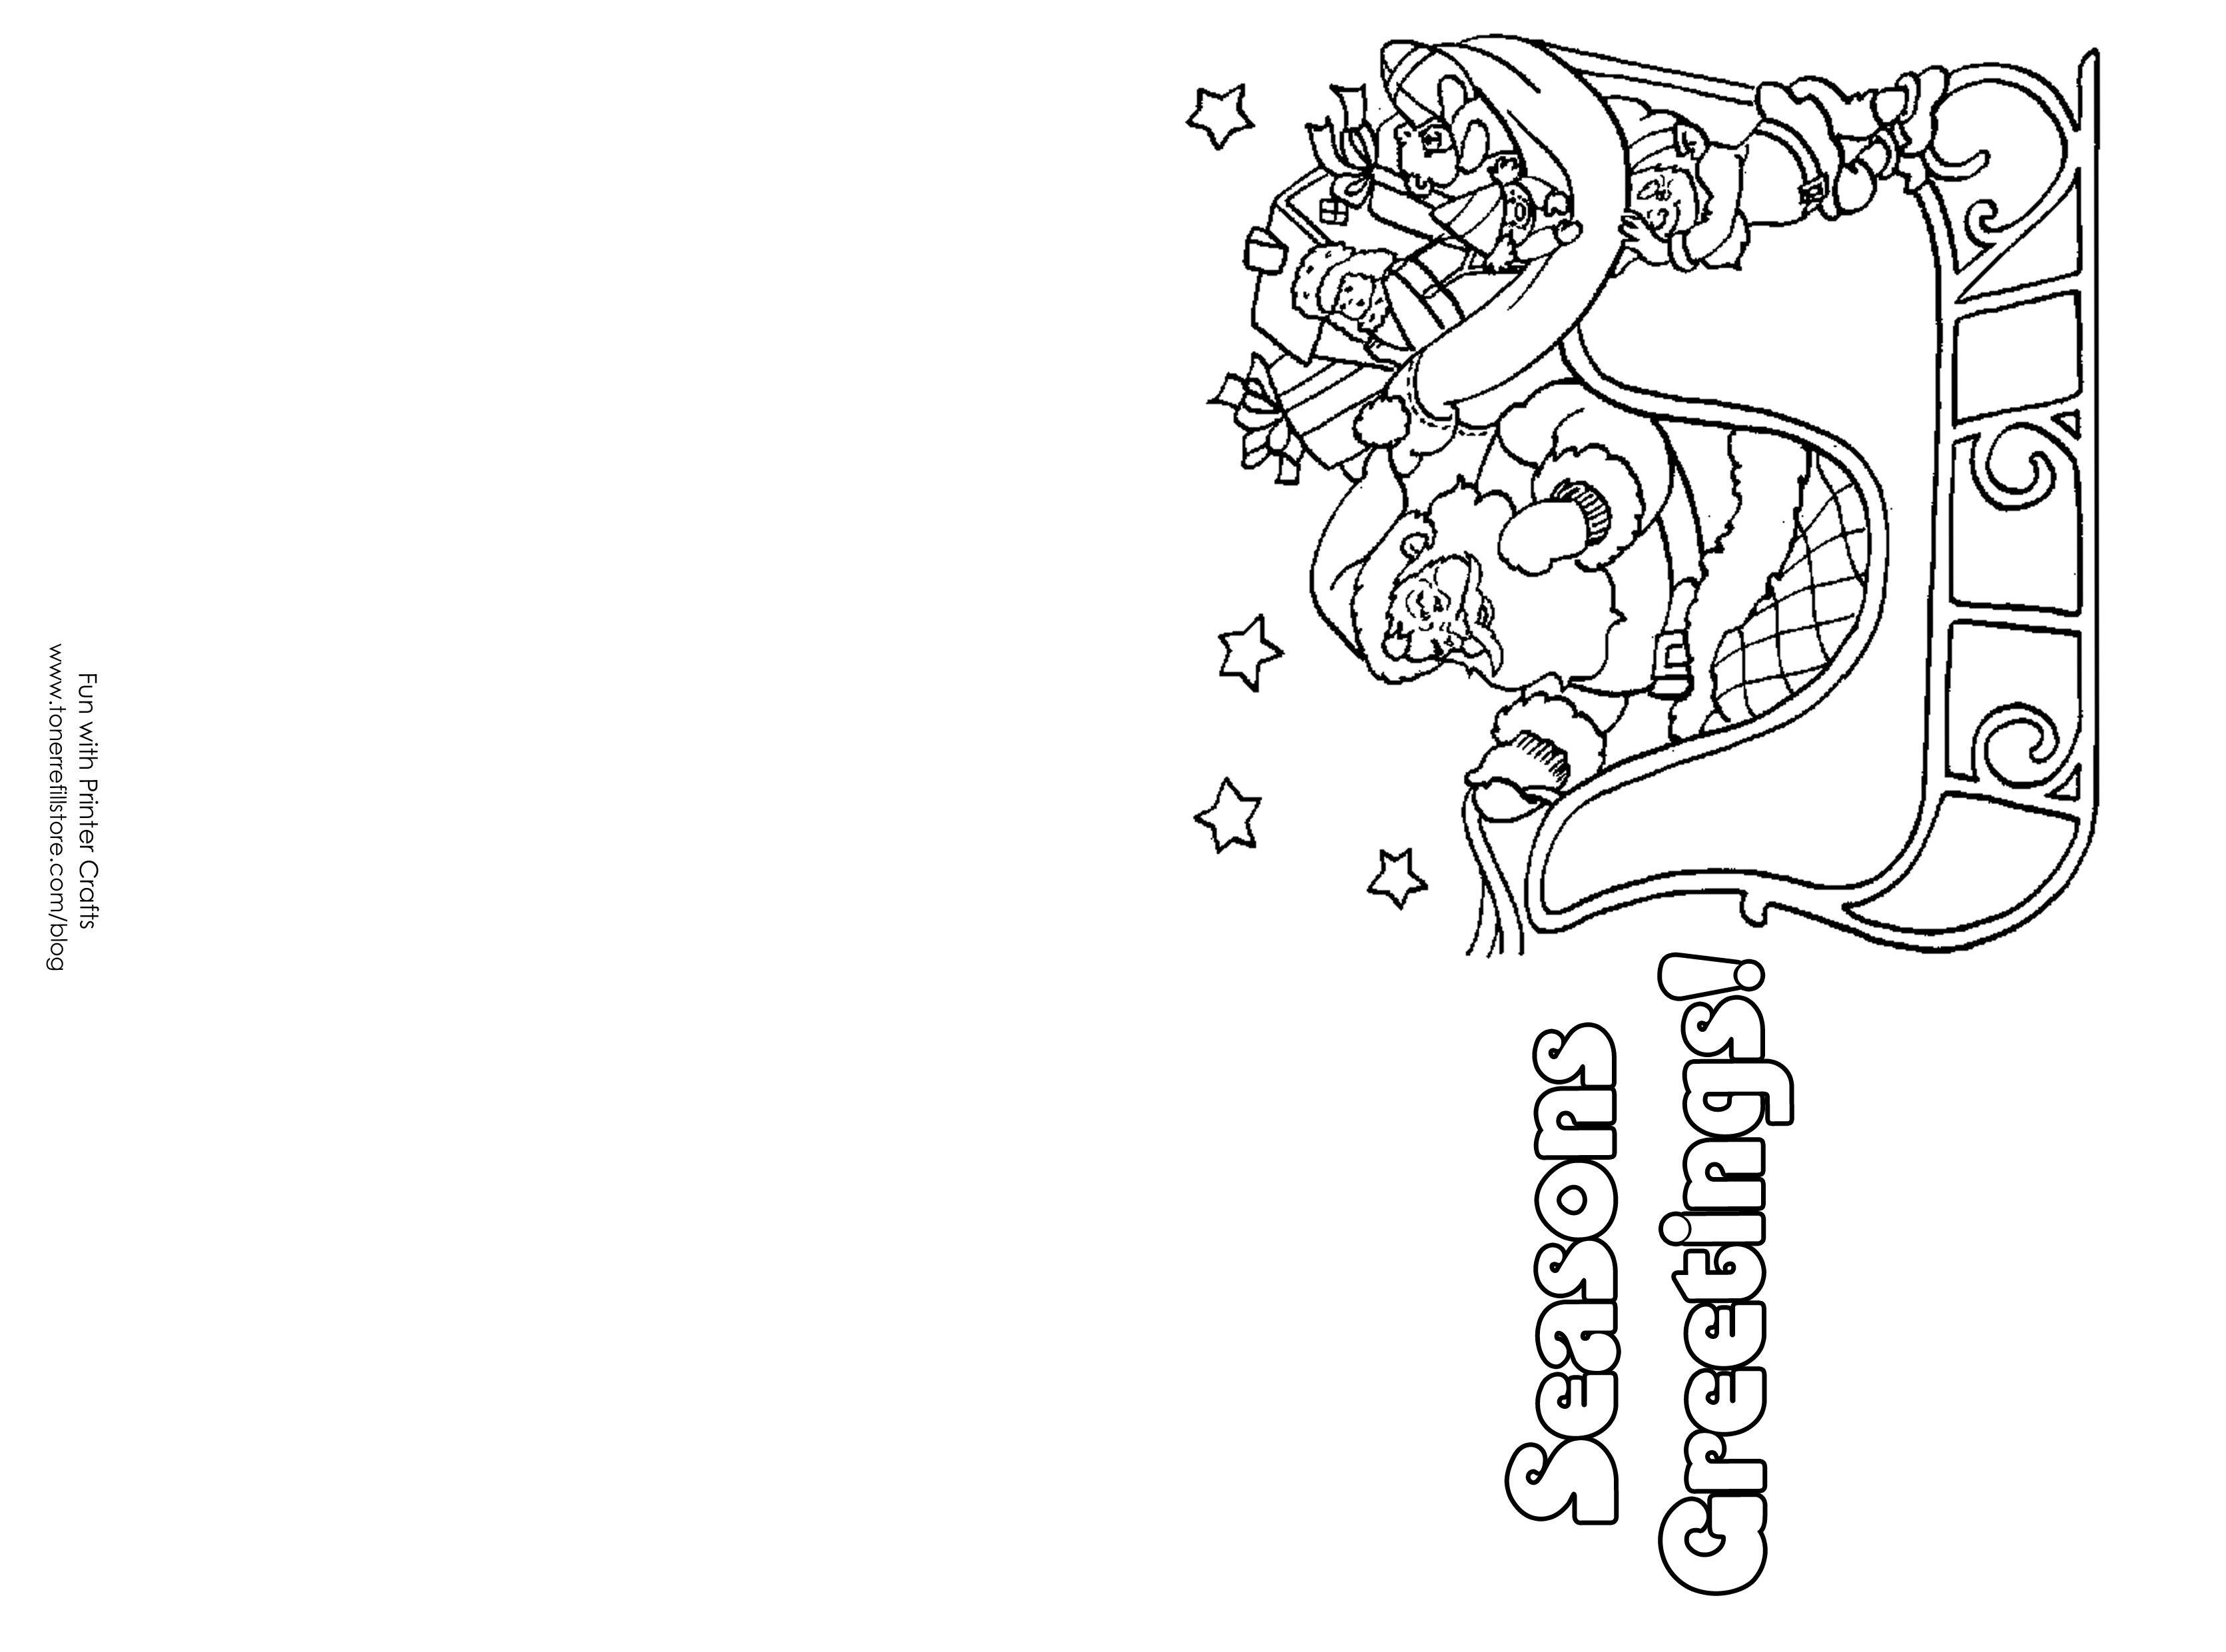 023 Free Printable Photo Christmas Card Templates Greeting Cards - Christmas Cards Download Free Printable